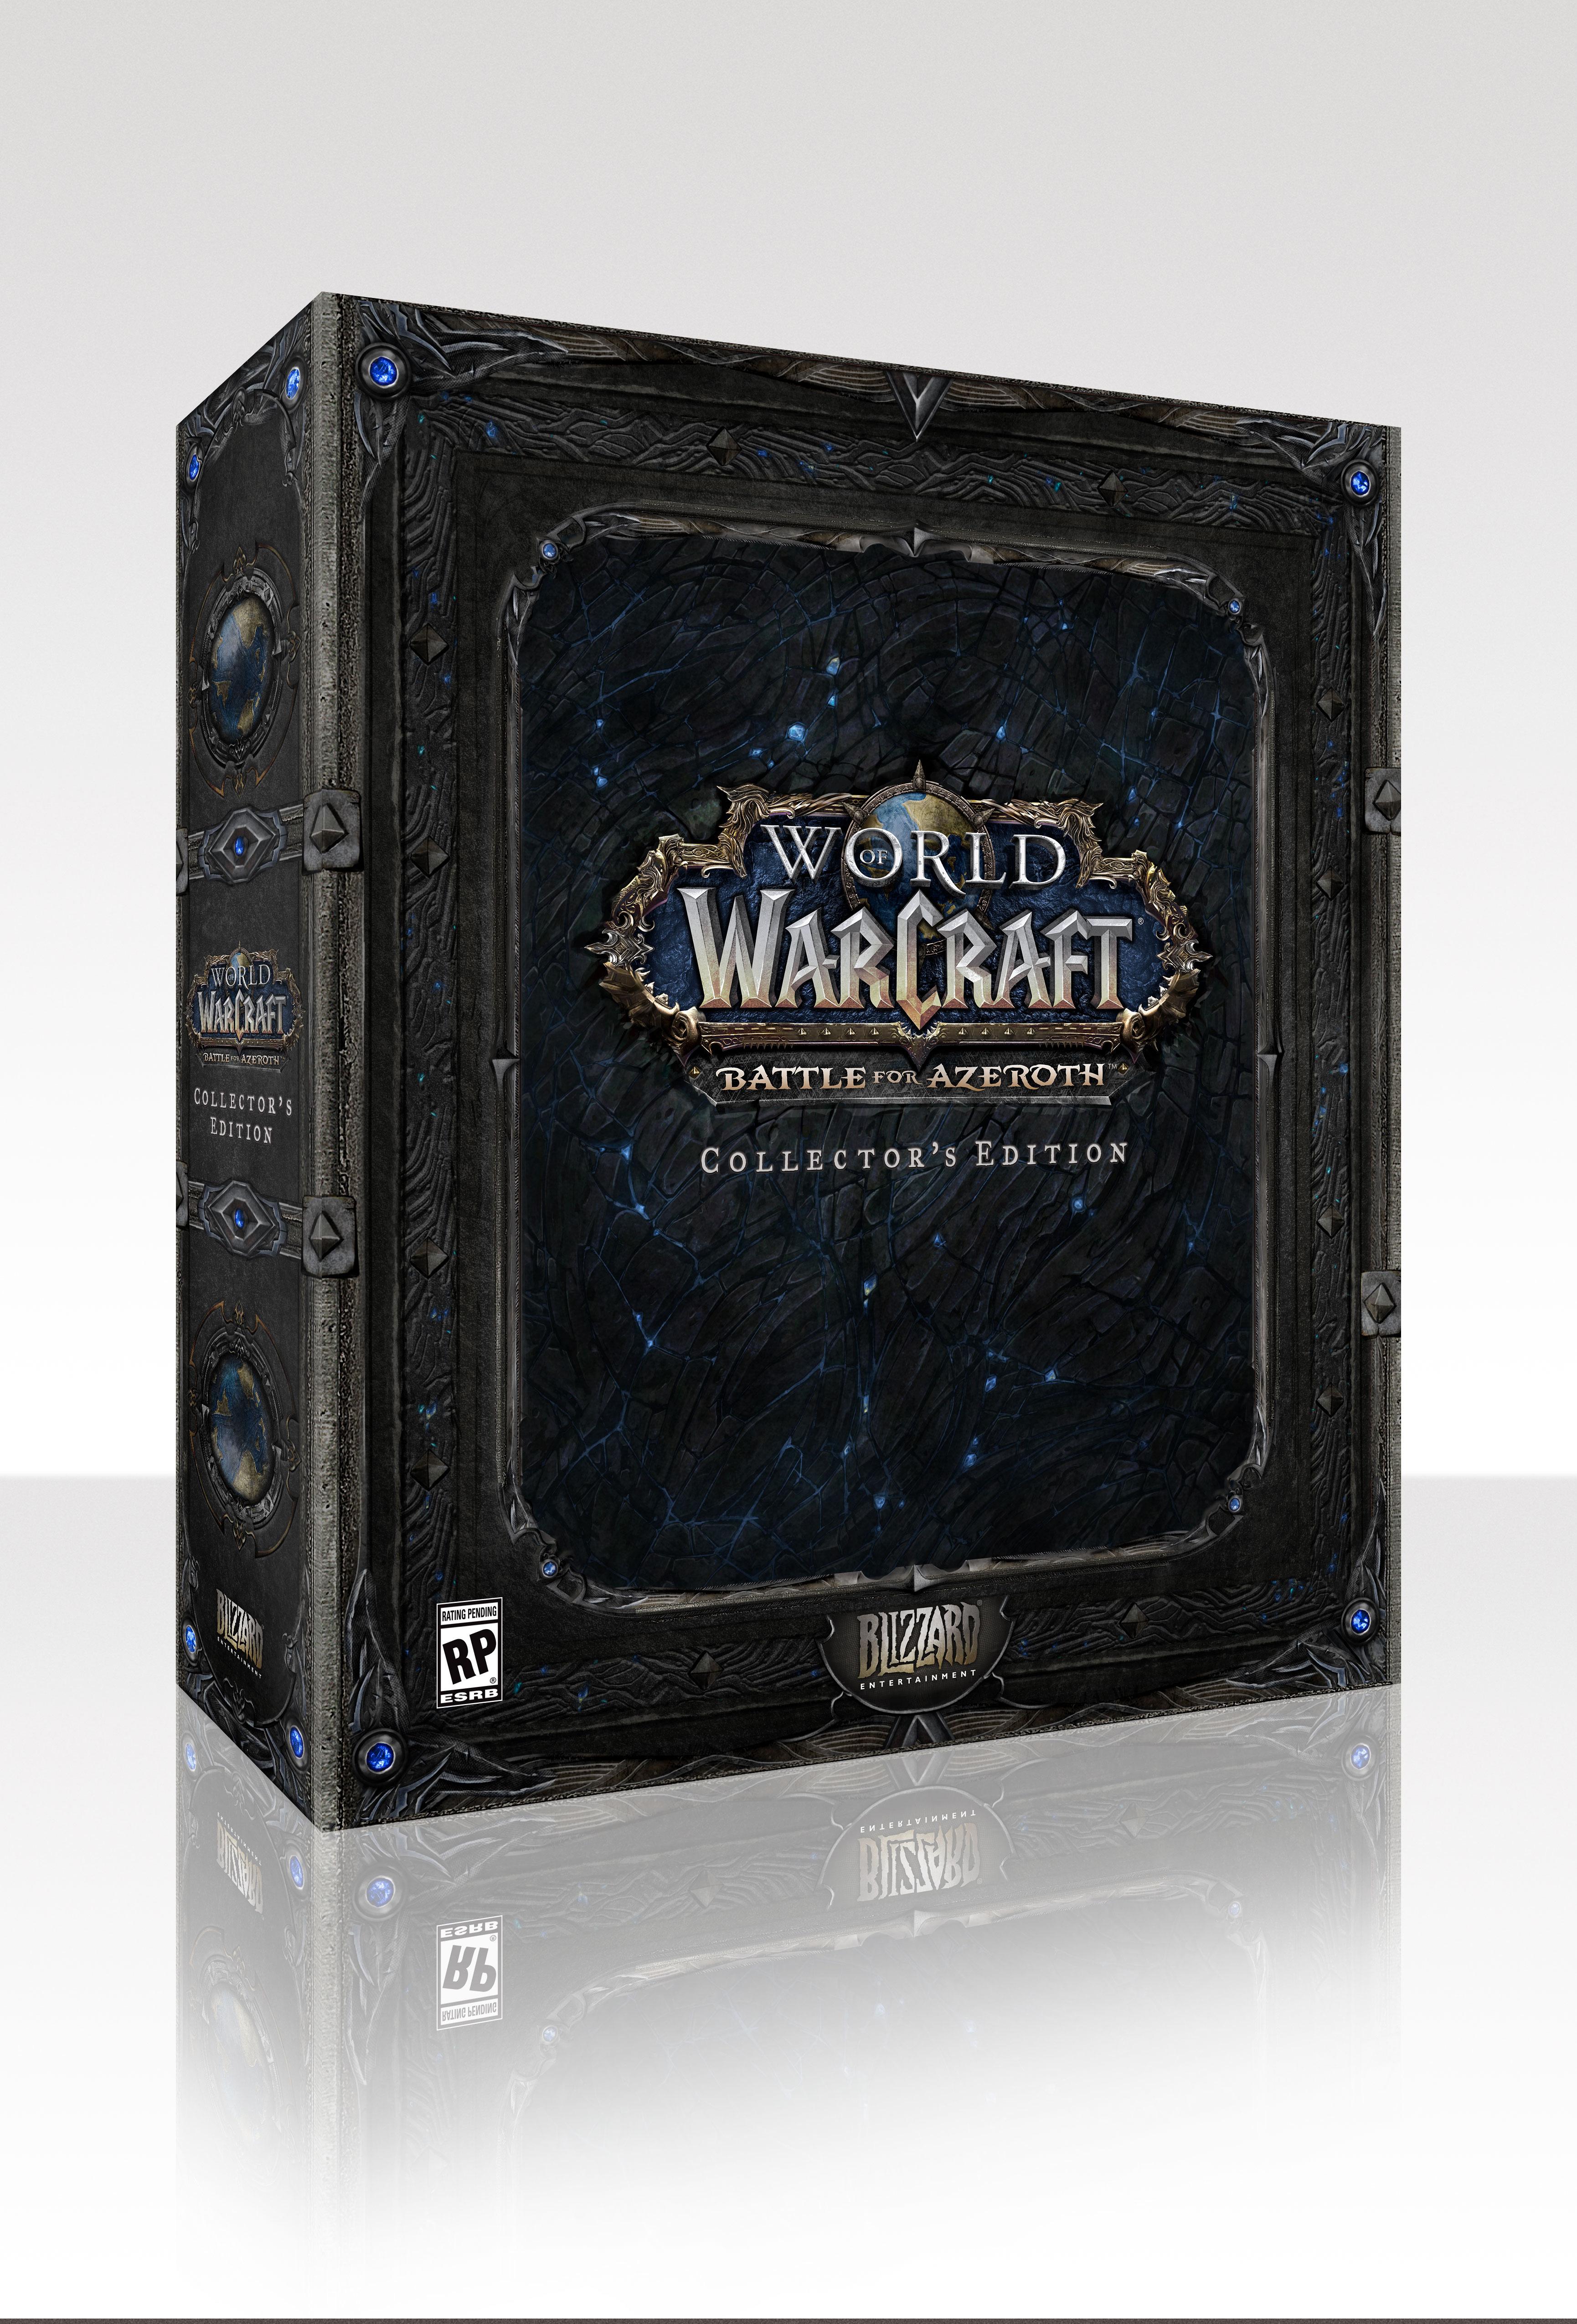 Photo de l'édition Collector de World of Warcraft: Battle for Azeroth.